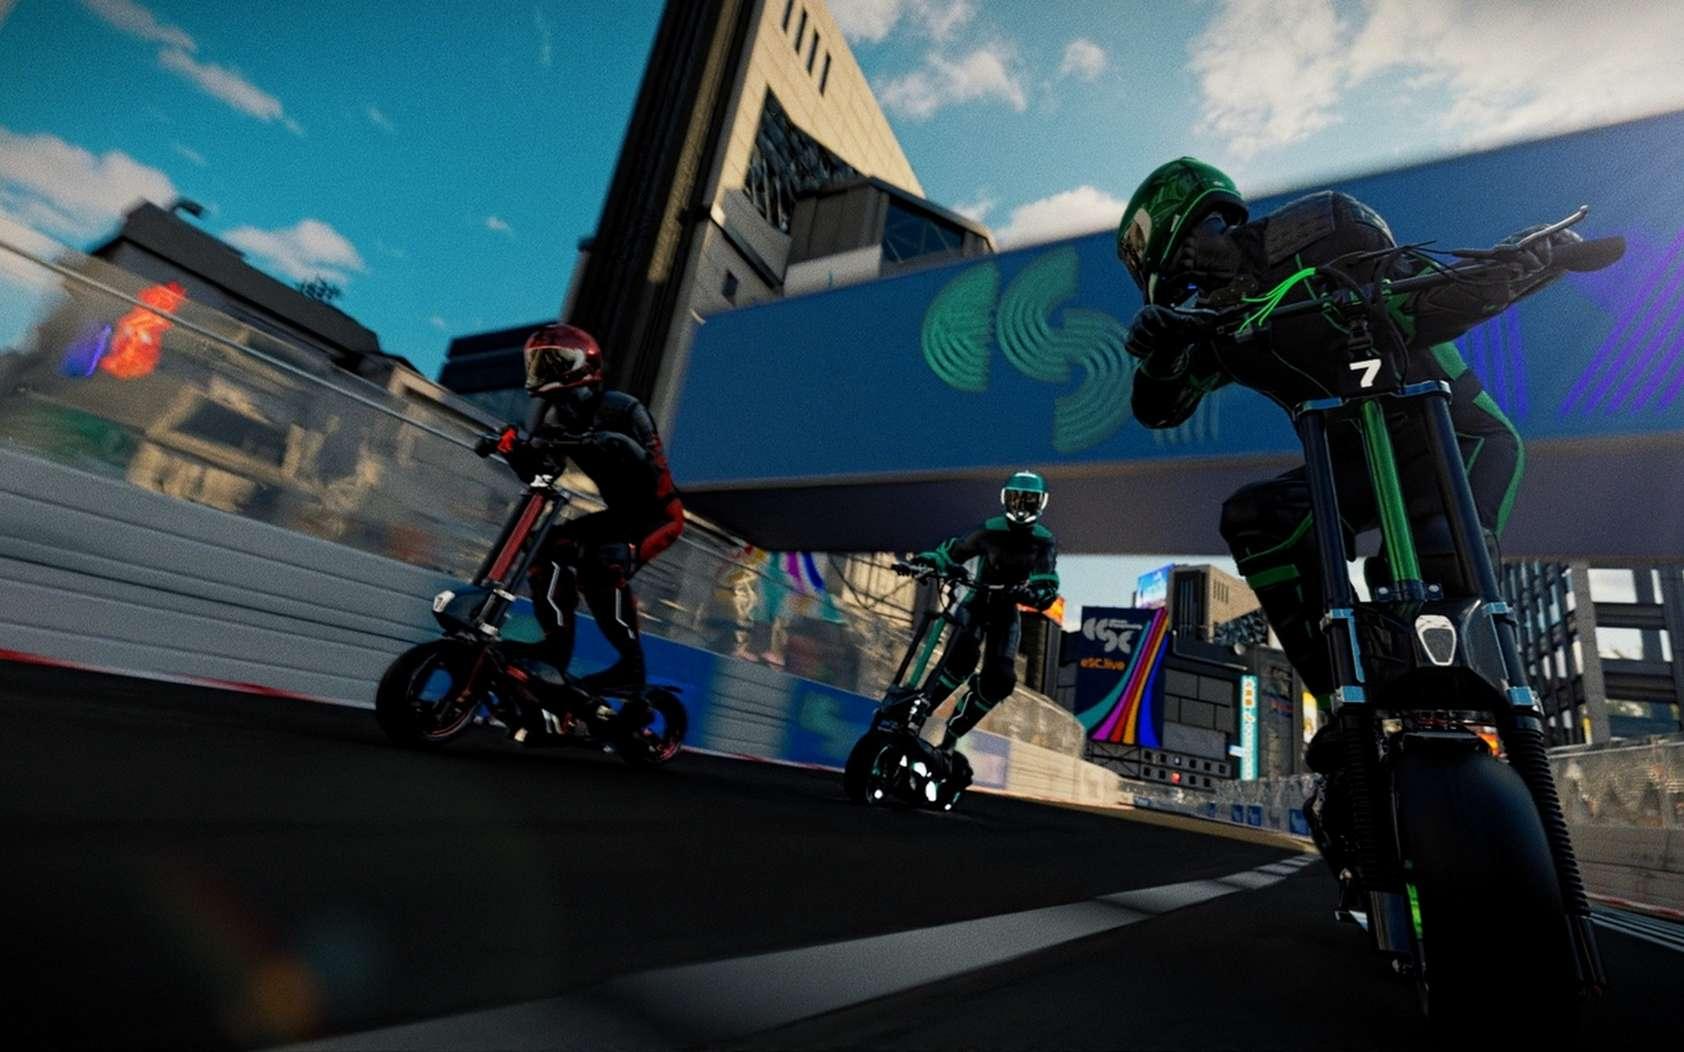 Les trottinettes électriques spécialement conçue pour ce championnat pourront foncer à 100 km/h.